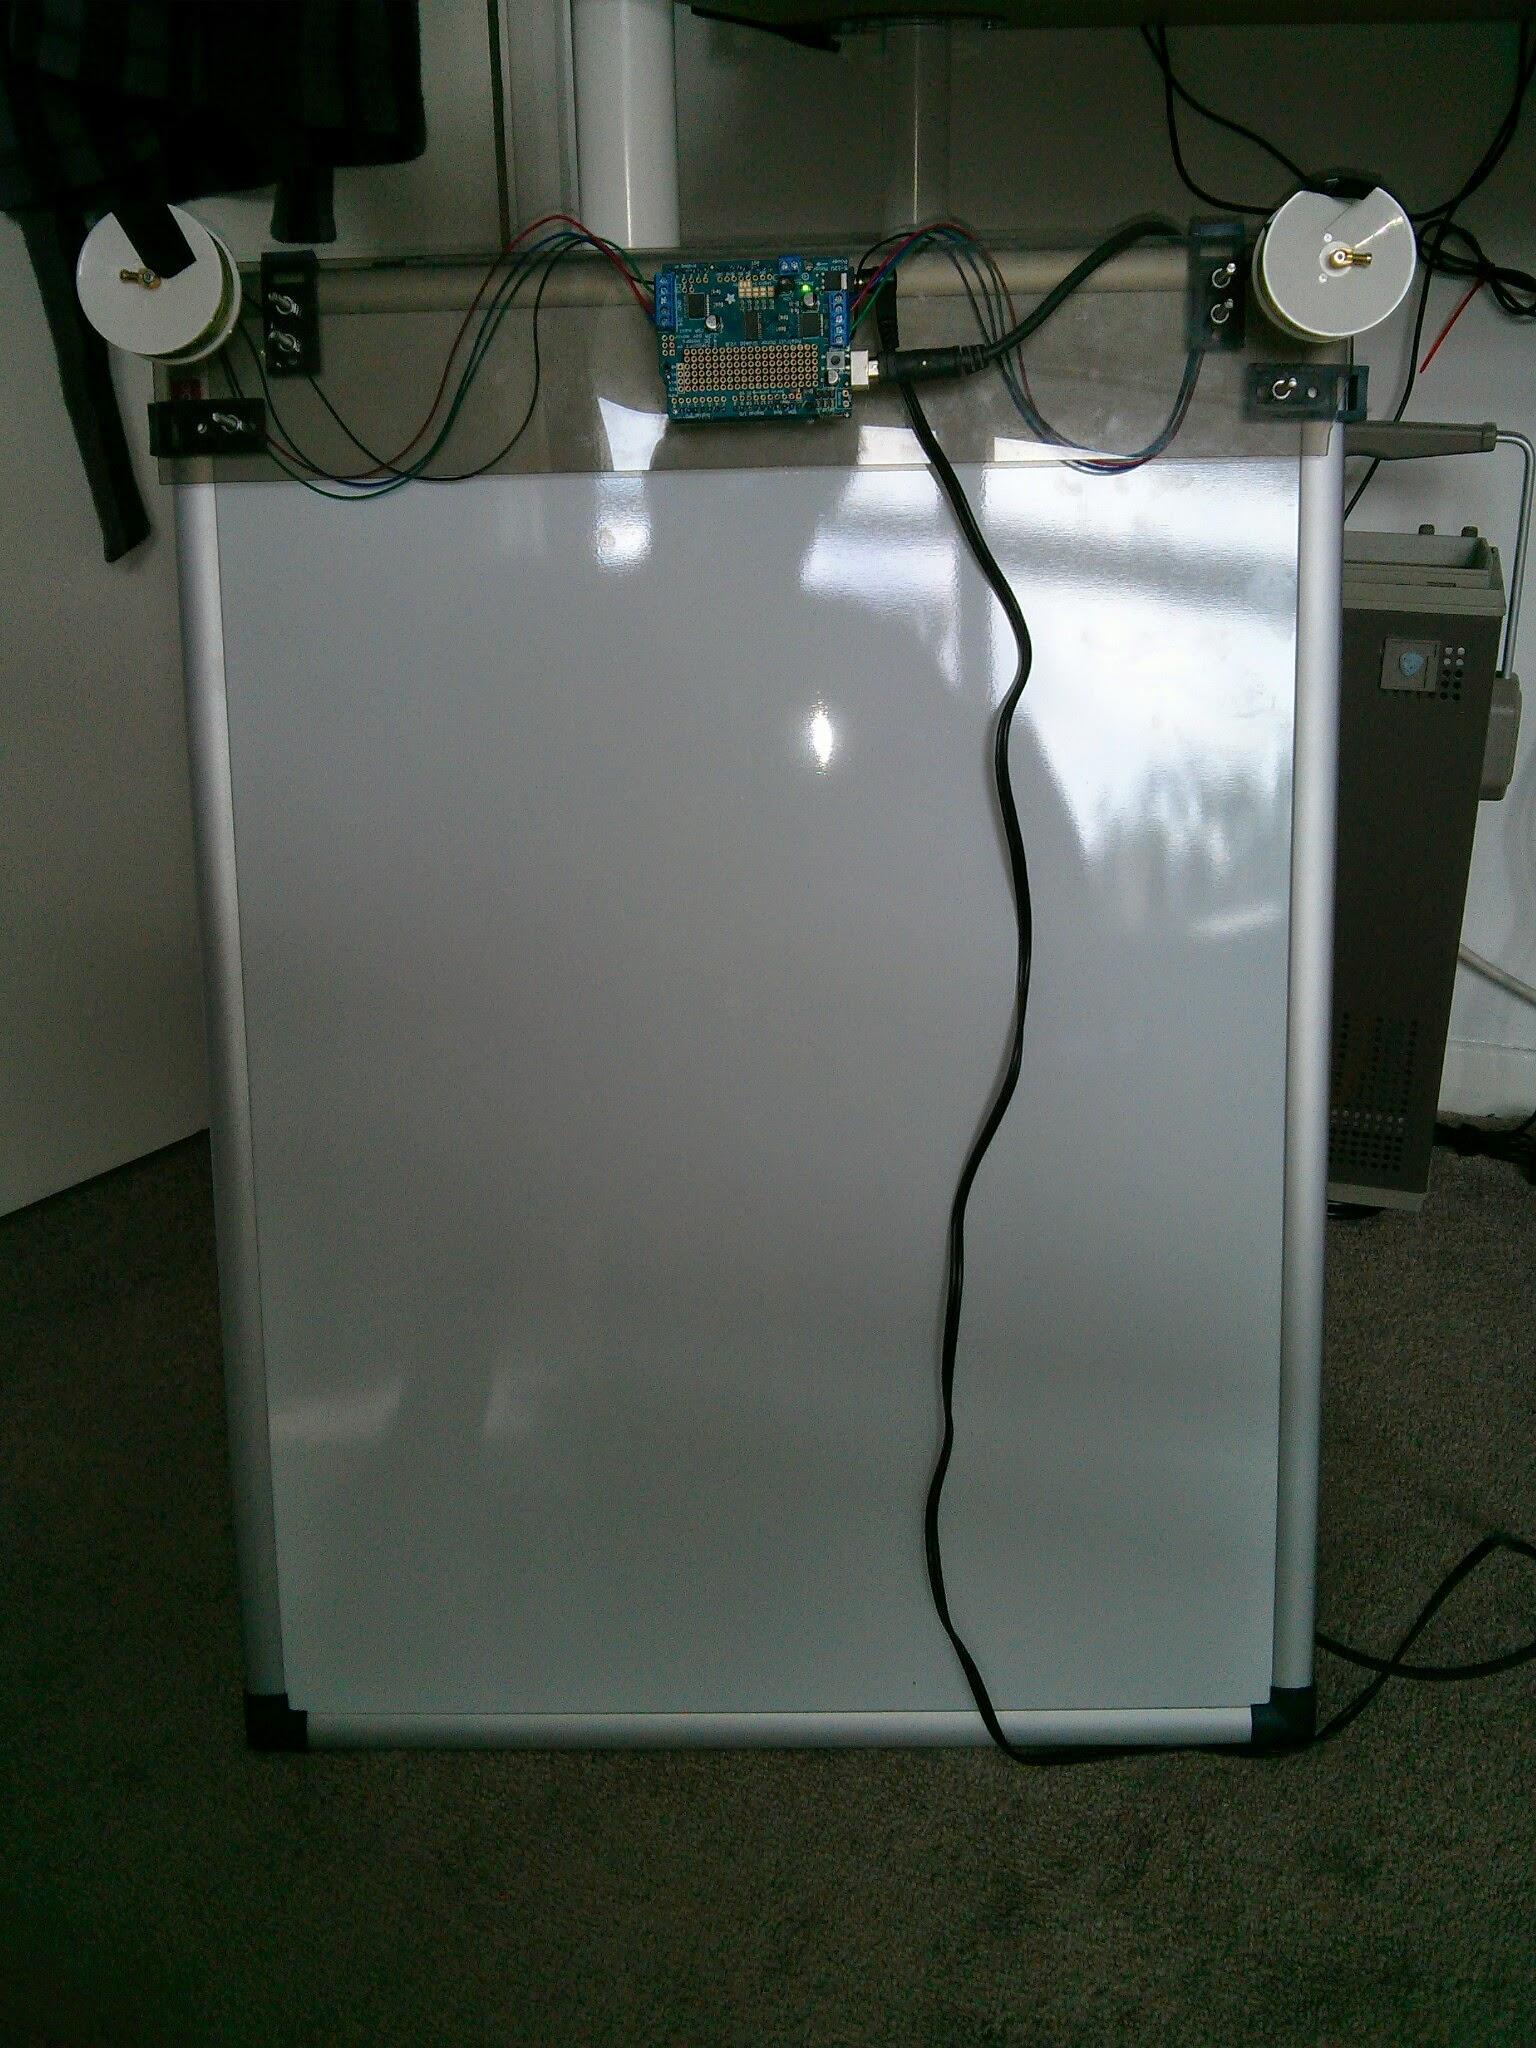 v-Plotter | Home of Student Hobby Electronics